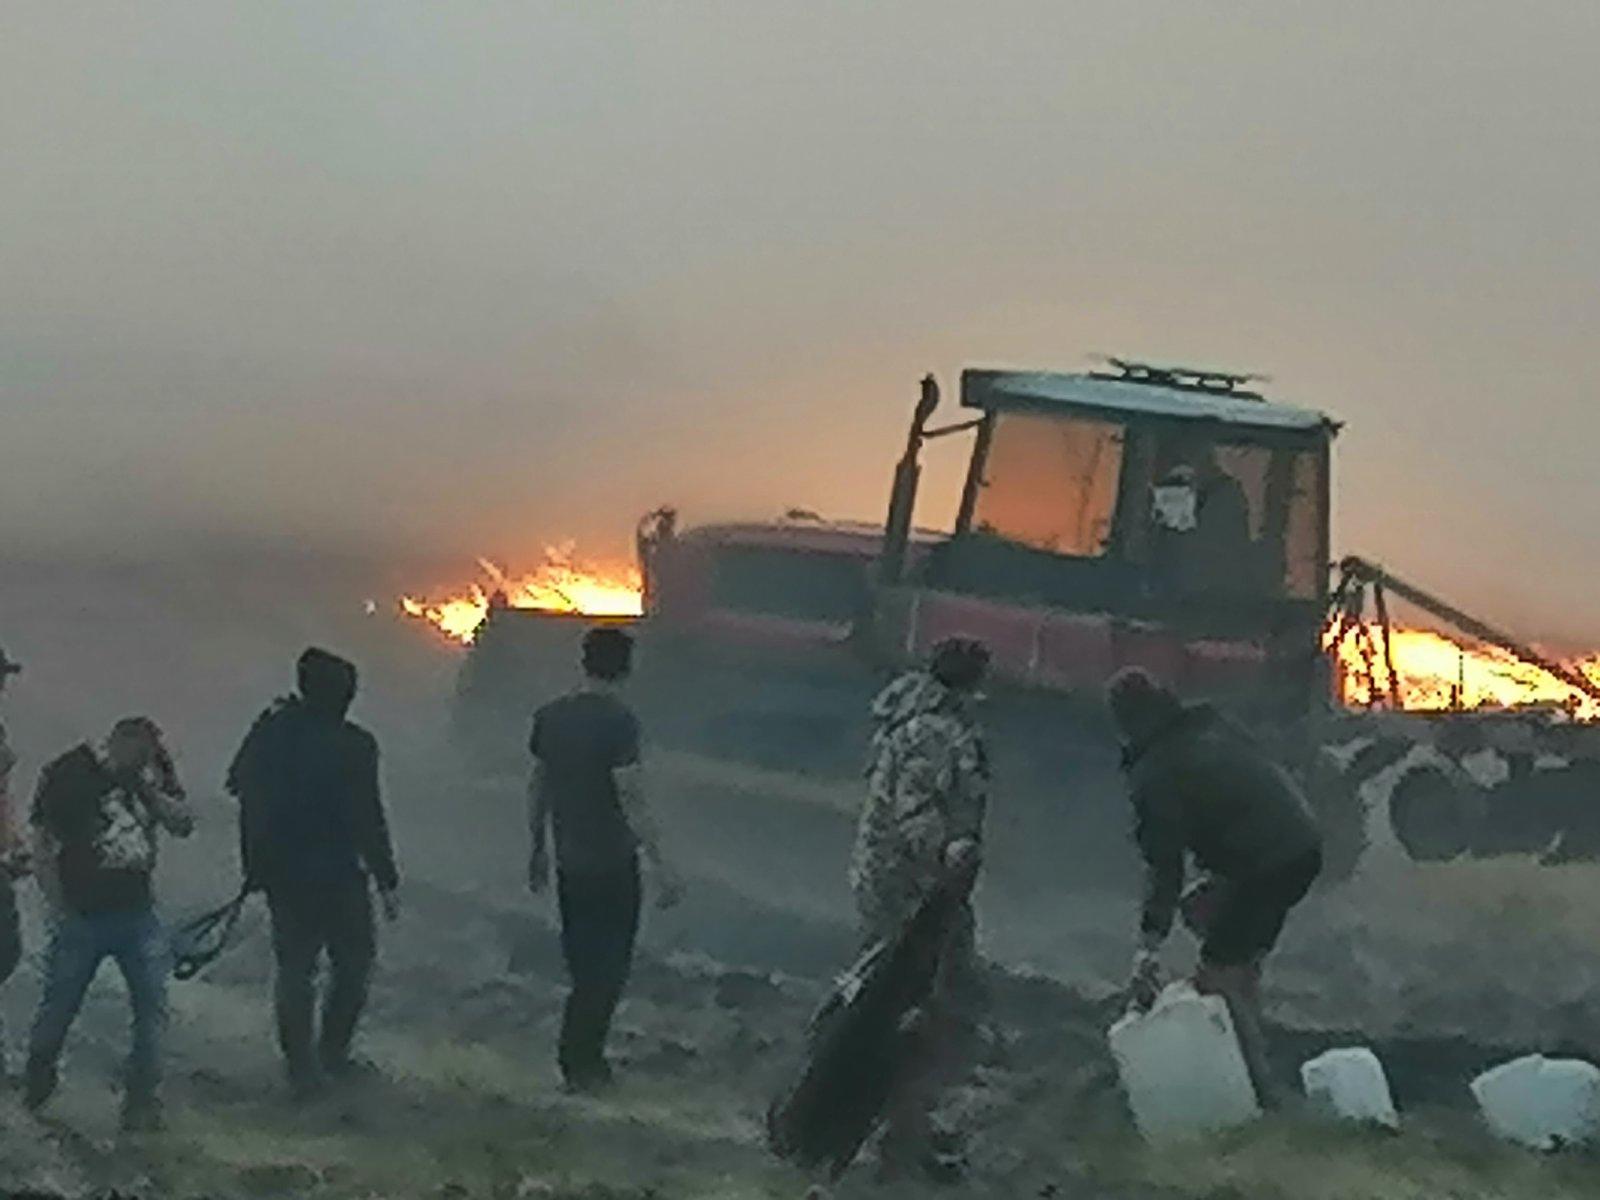 Жители Медногорска помогают пожарным бороться с огнем при помощи ковров и веников (видео)